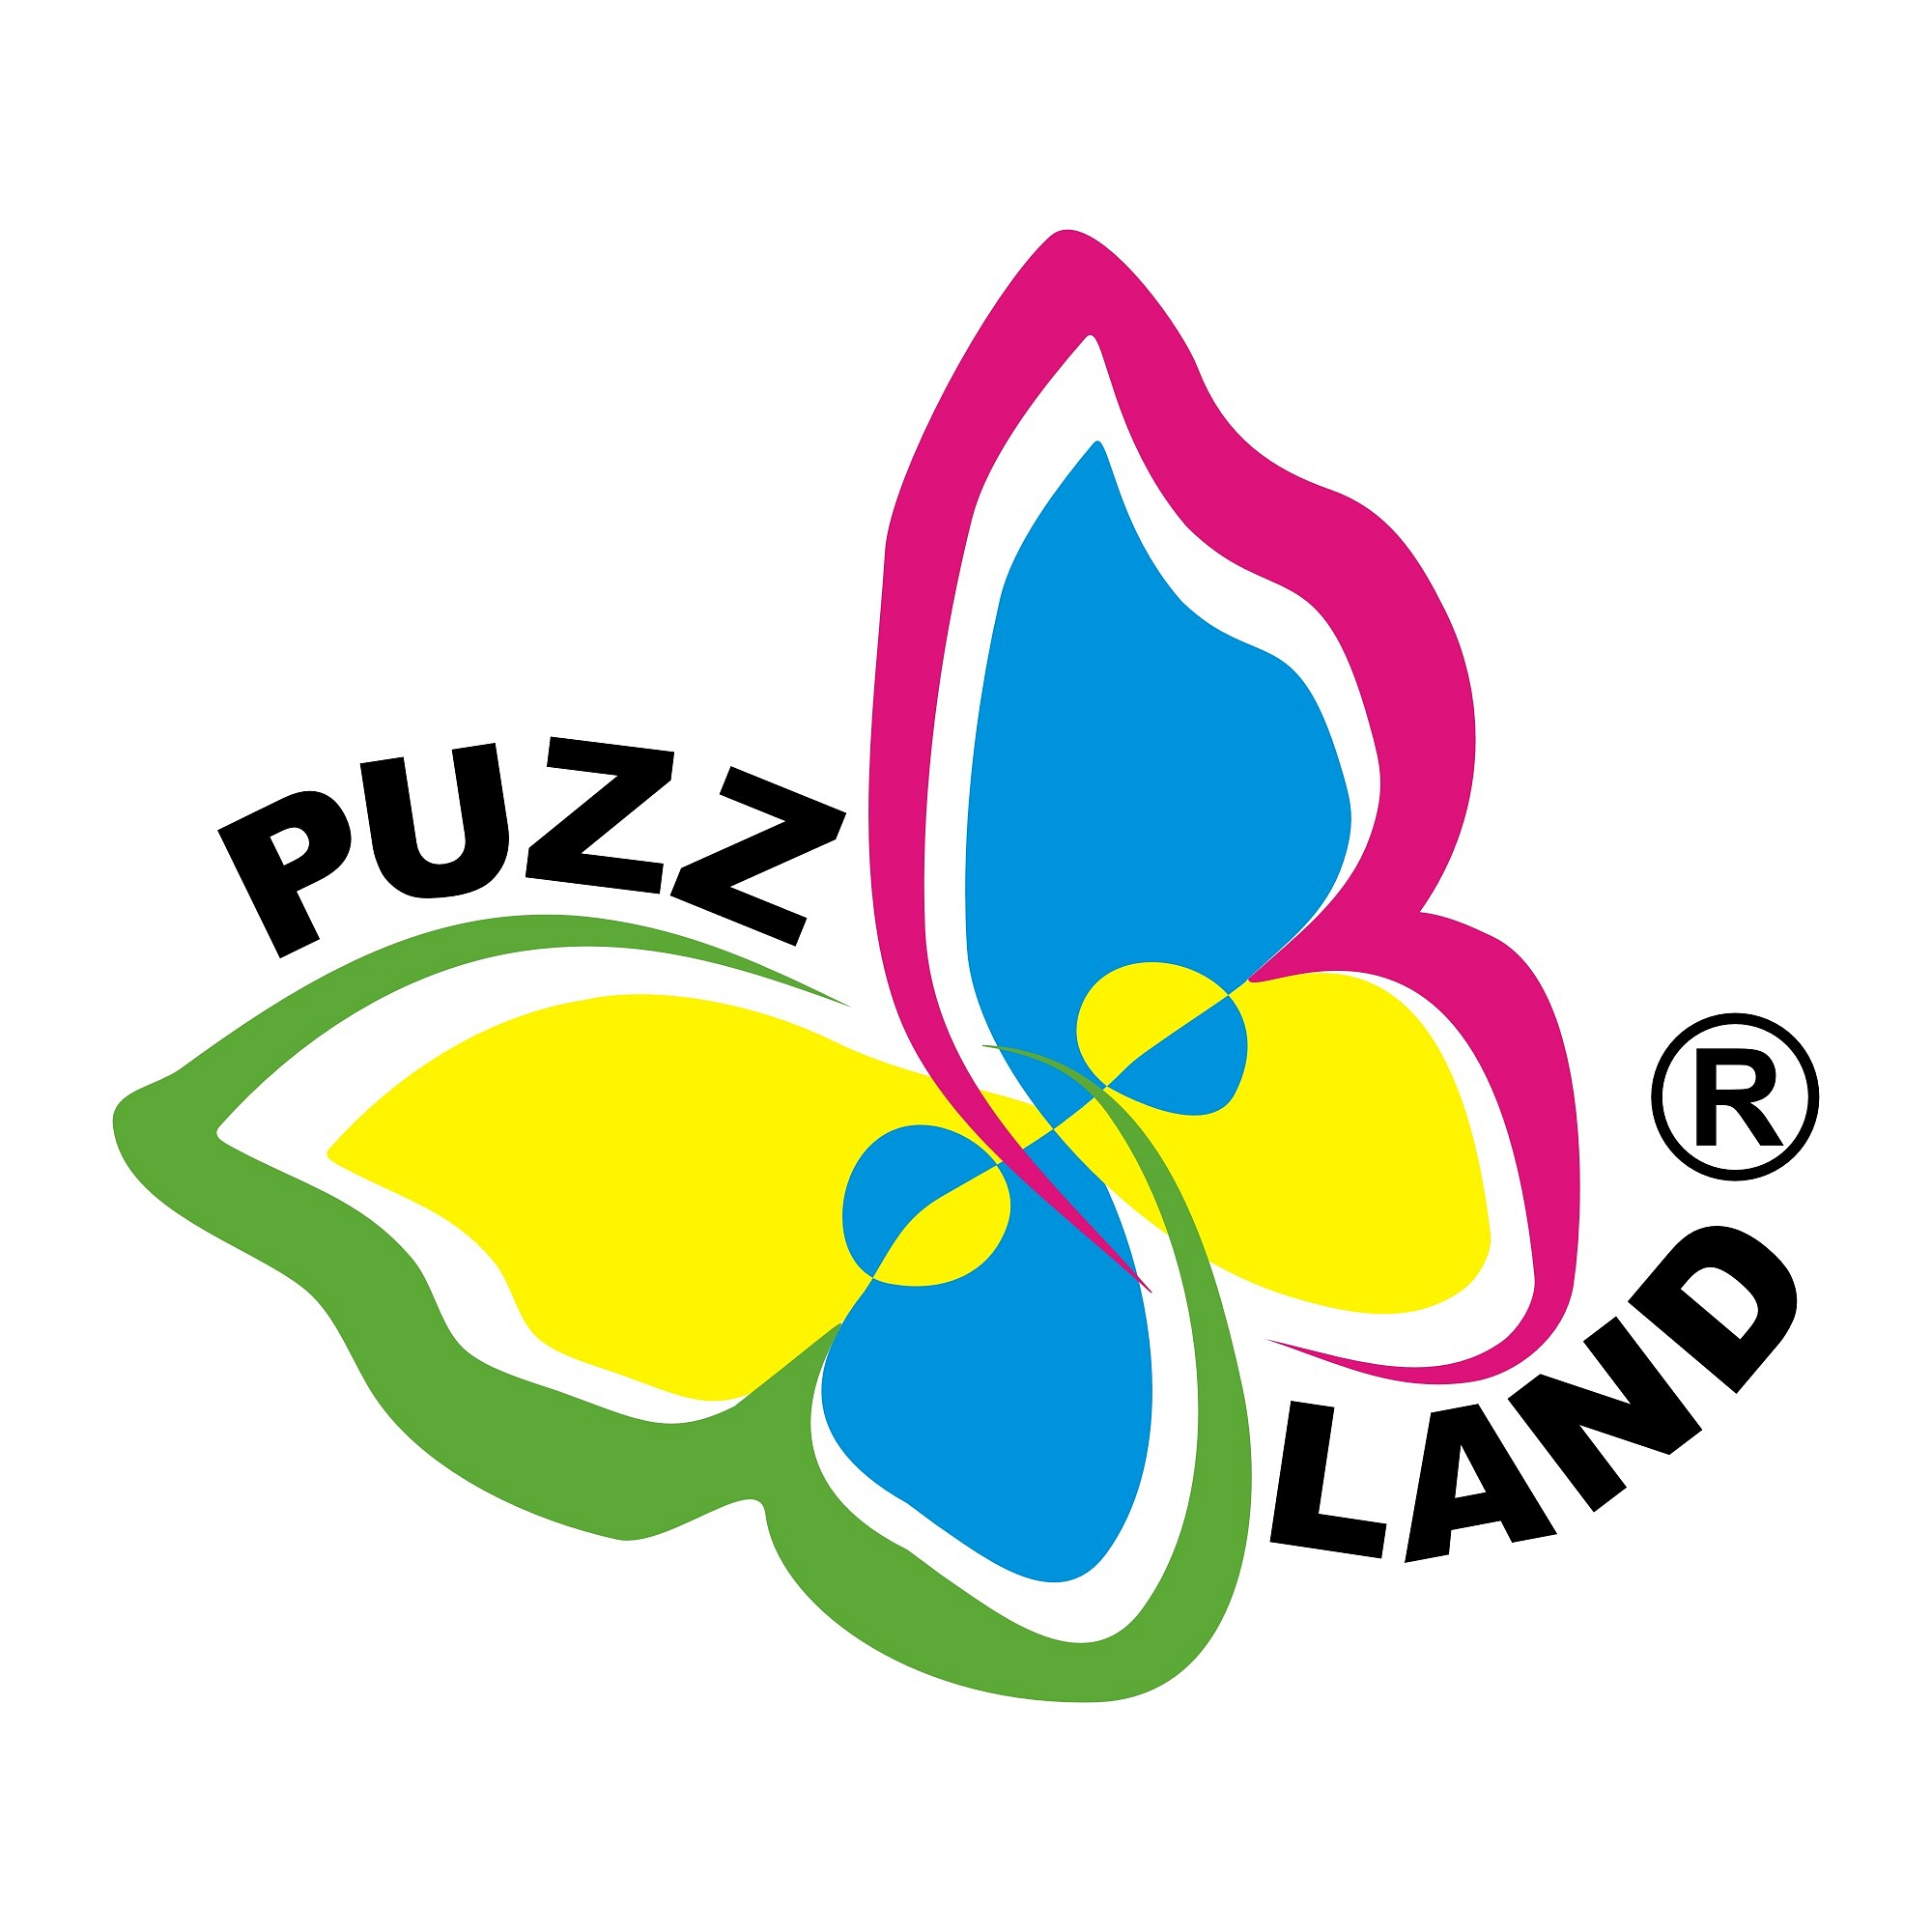 PUZZLAND